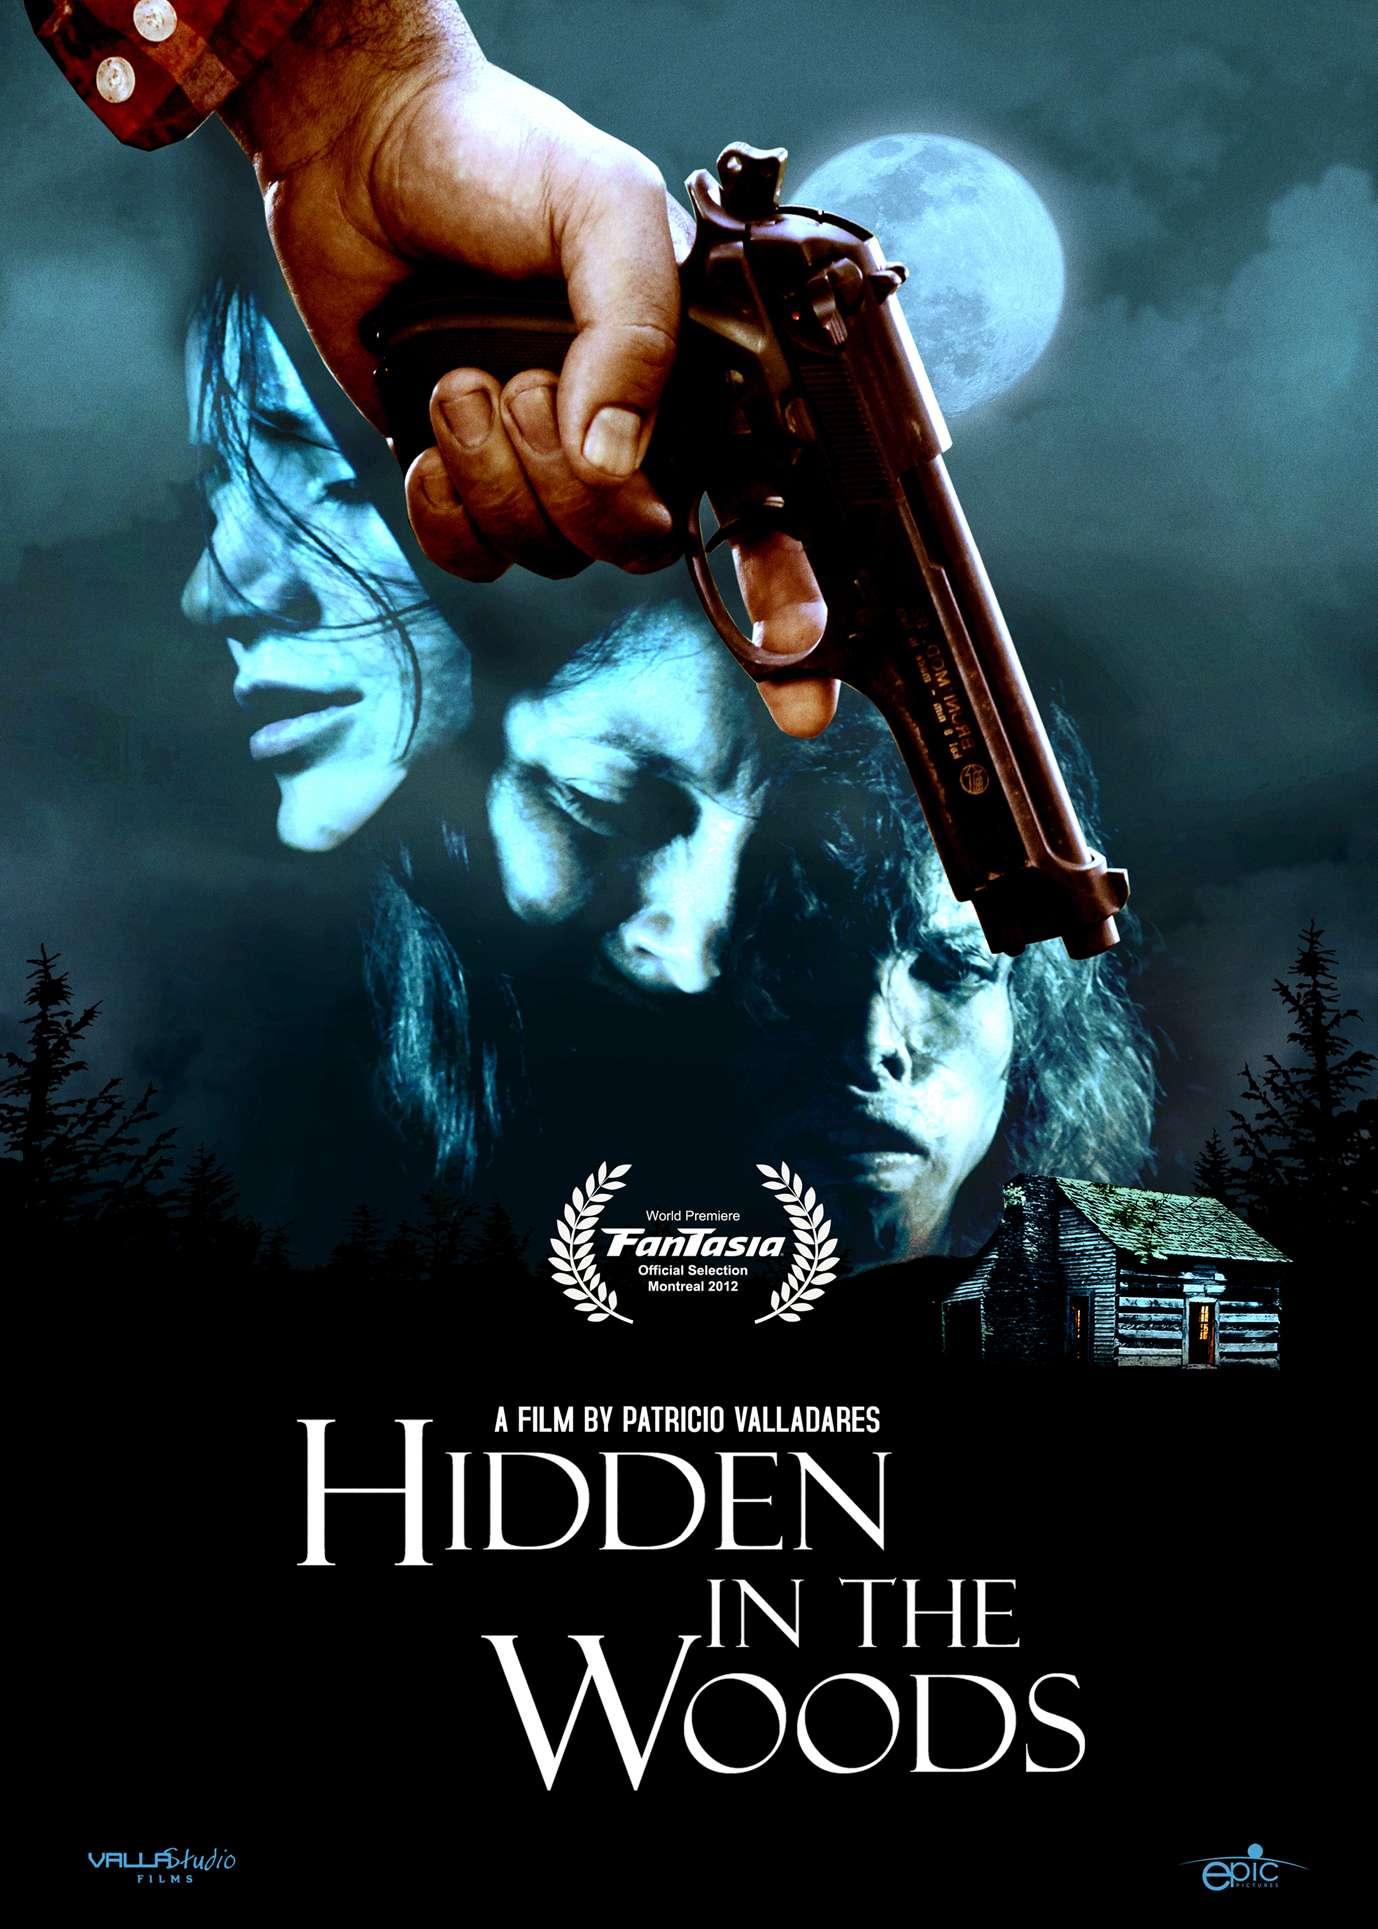 Hidden in the woods [VOSTFR] dvdrip